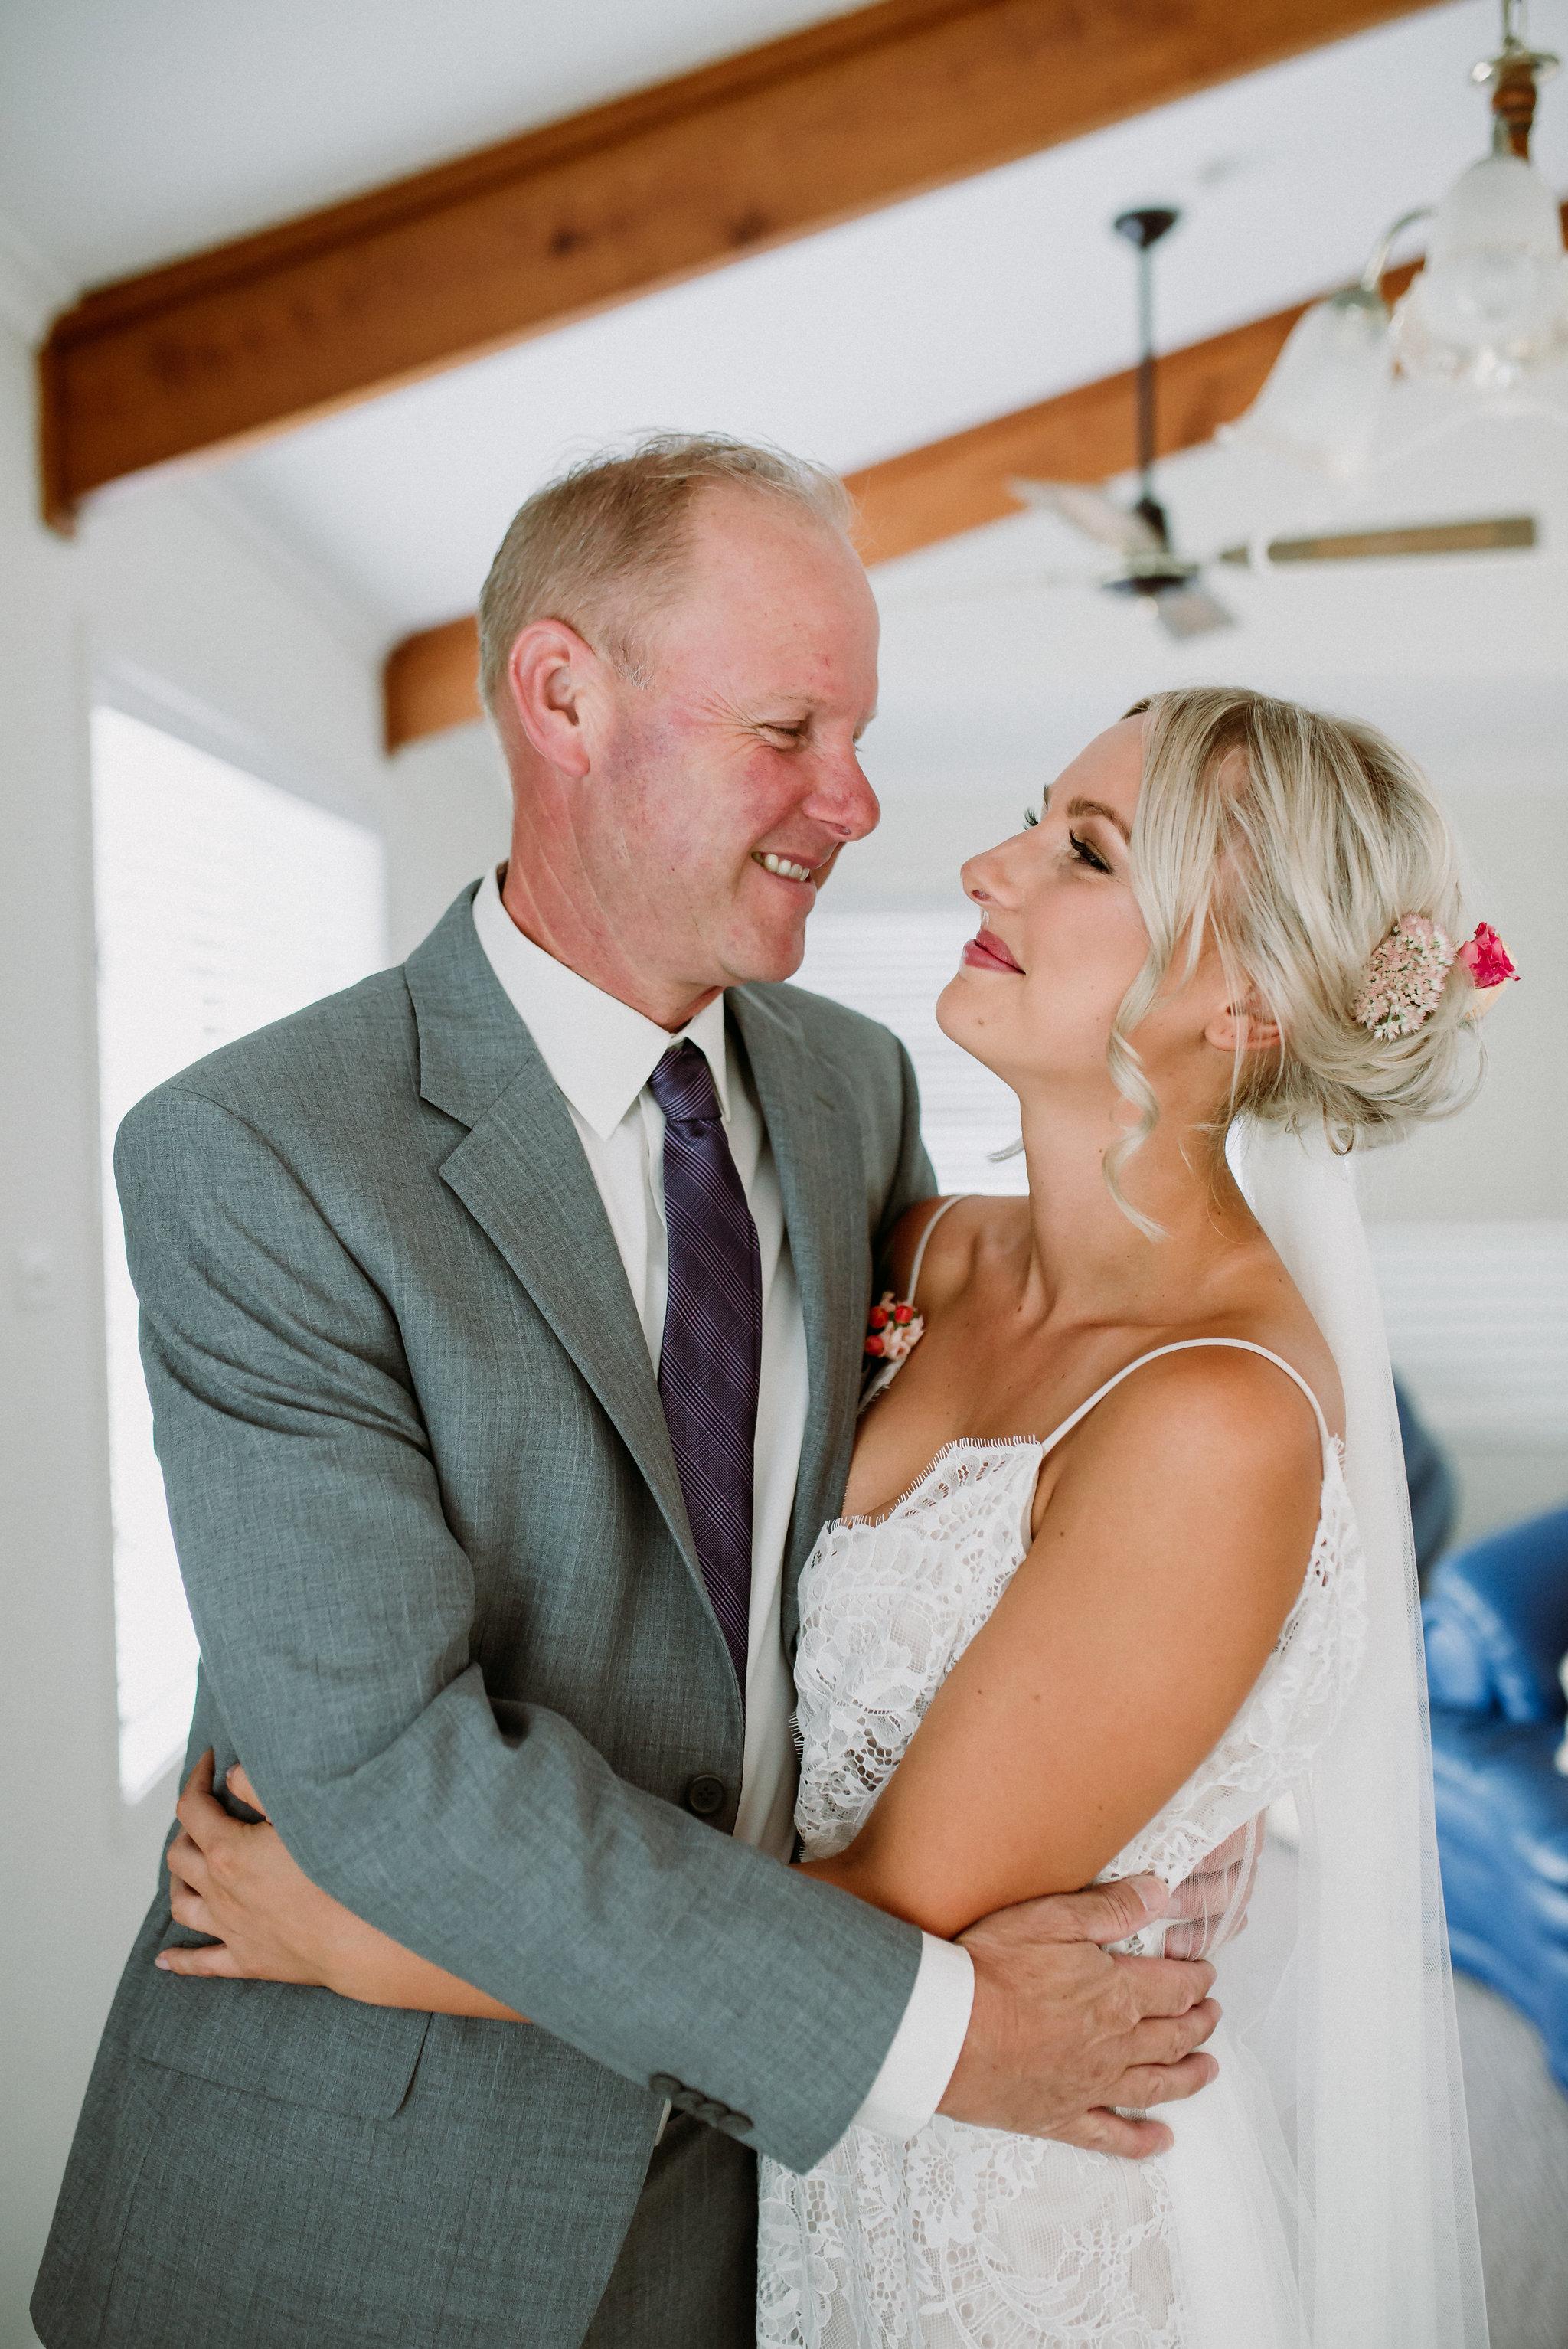 LITTLE-BEACH-WEDDING-MARCHANT-304.jpg